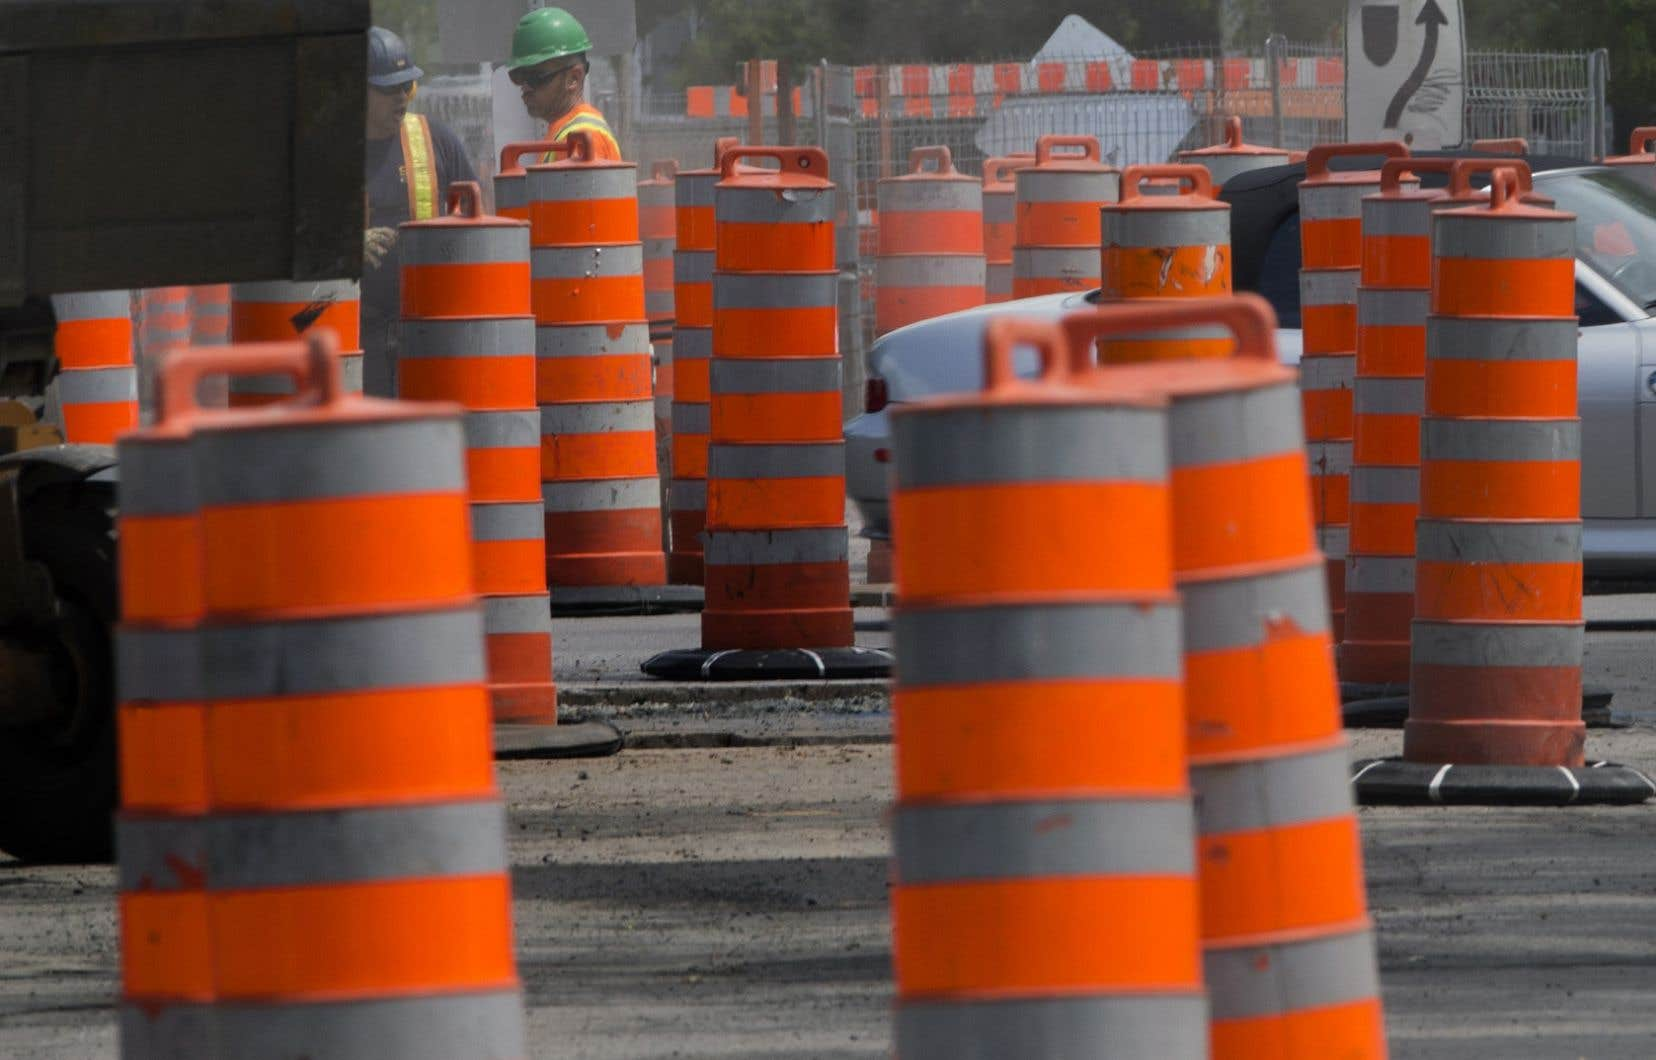 La Ville de Québec a reporté 133 des 850 projets de réfection routière qu'elle avait planifiés au printemps.